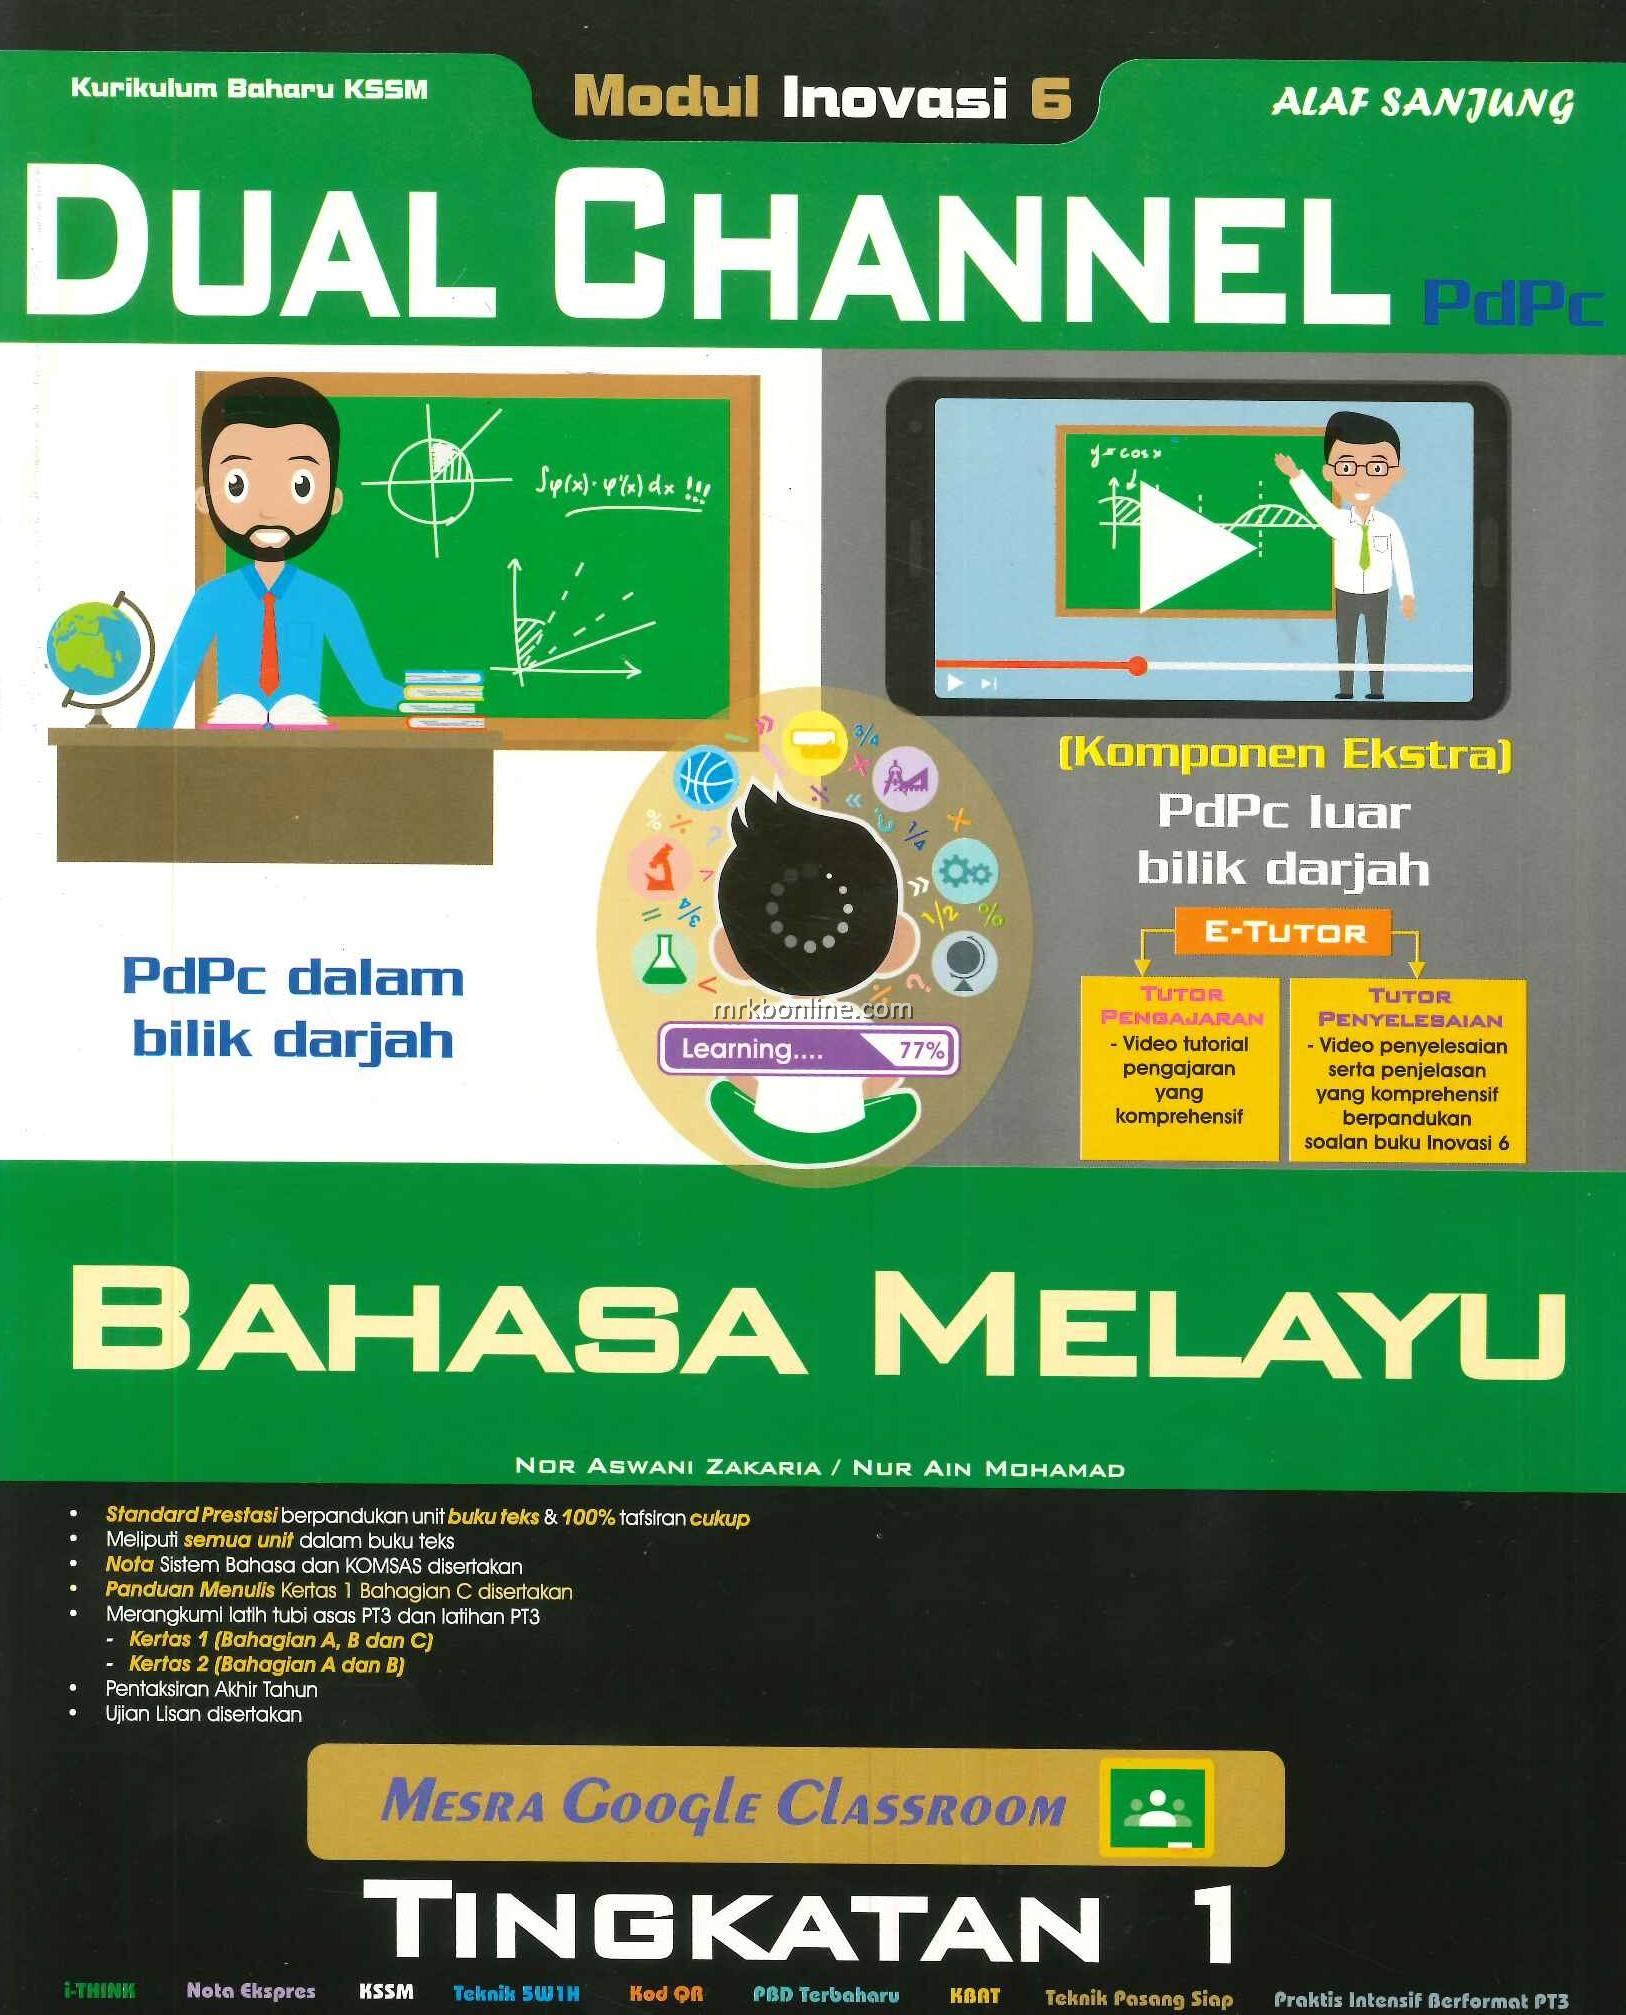 2021 Modul Inovasi 6 Dual Channel Bahasa Melayu Tingkatan 1